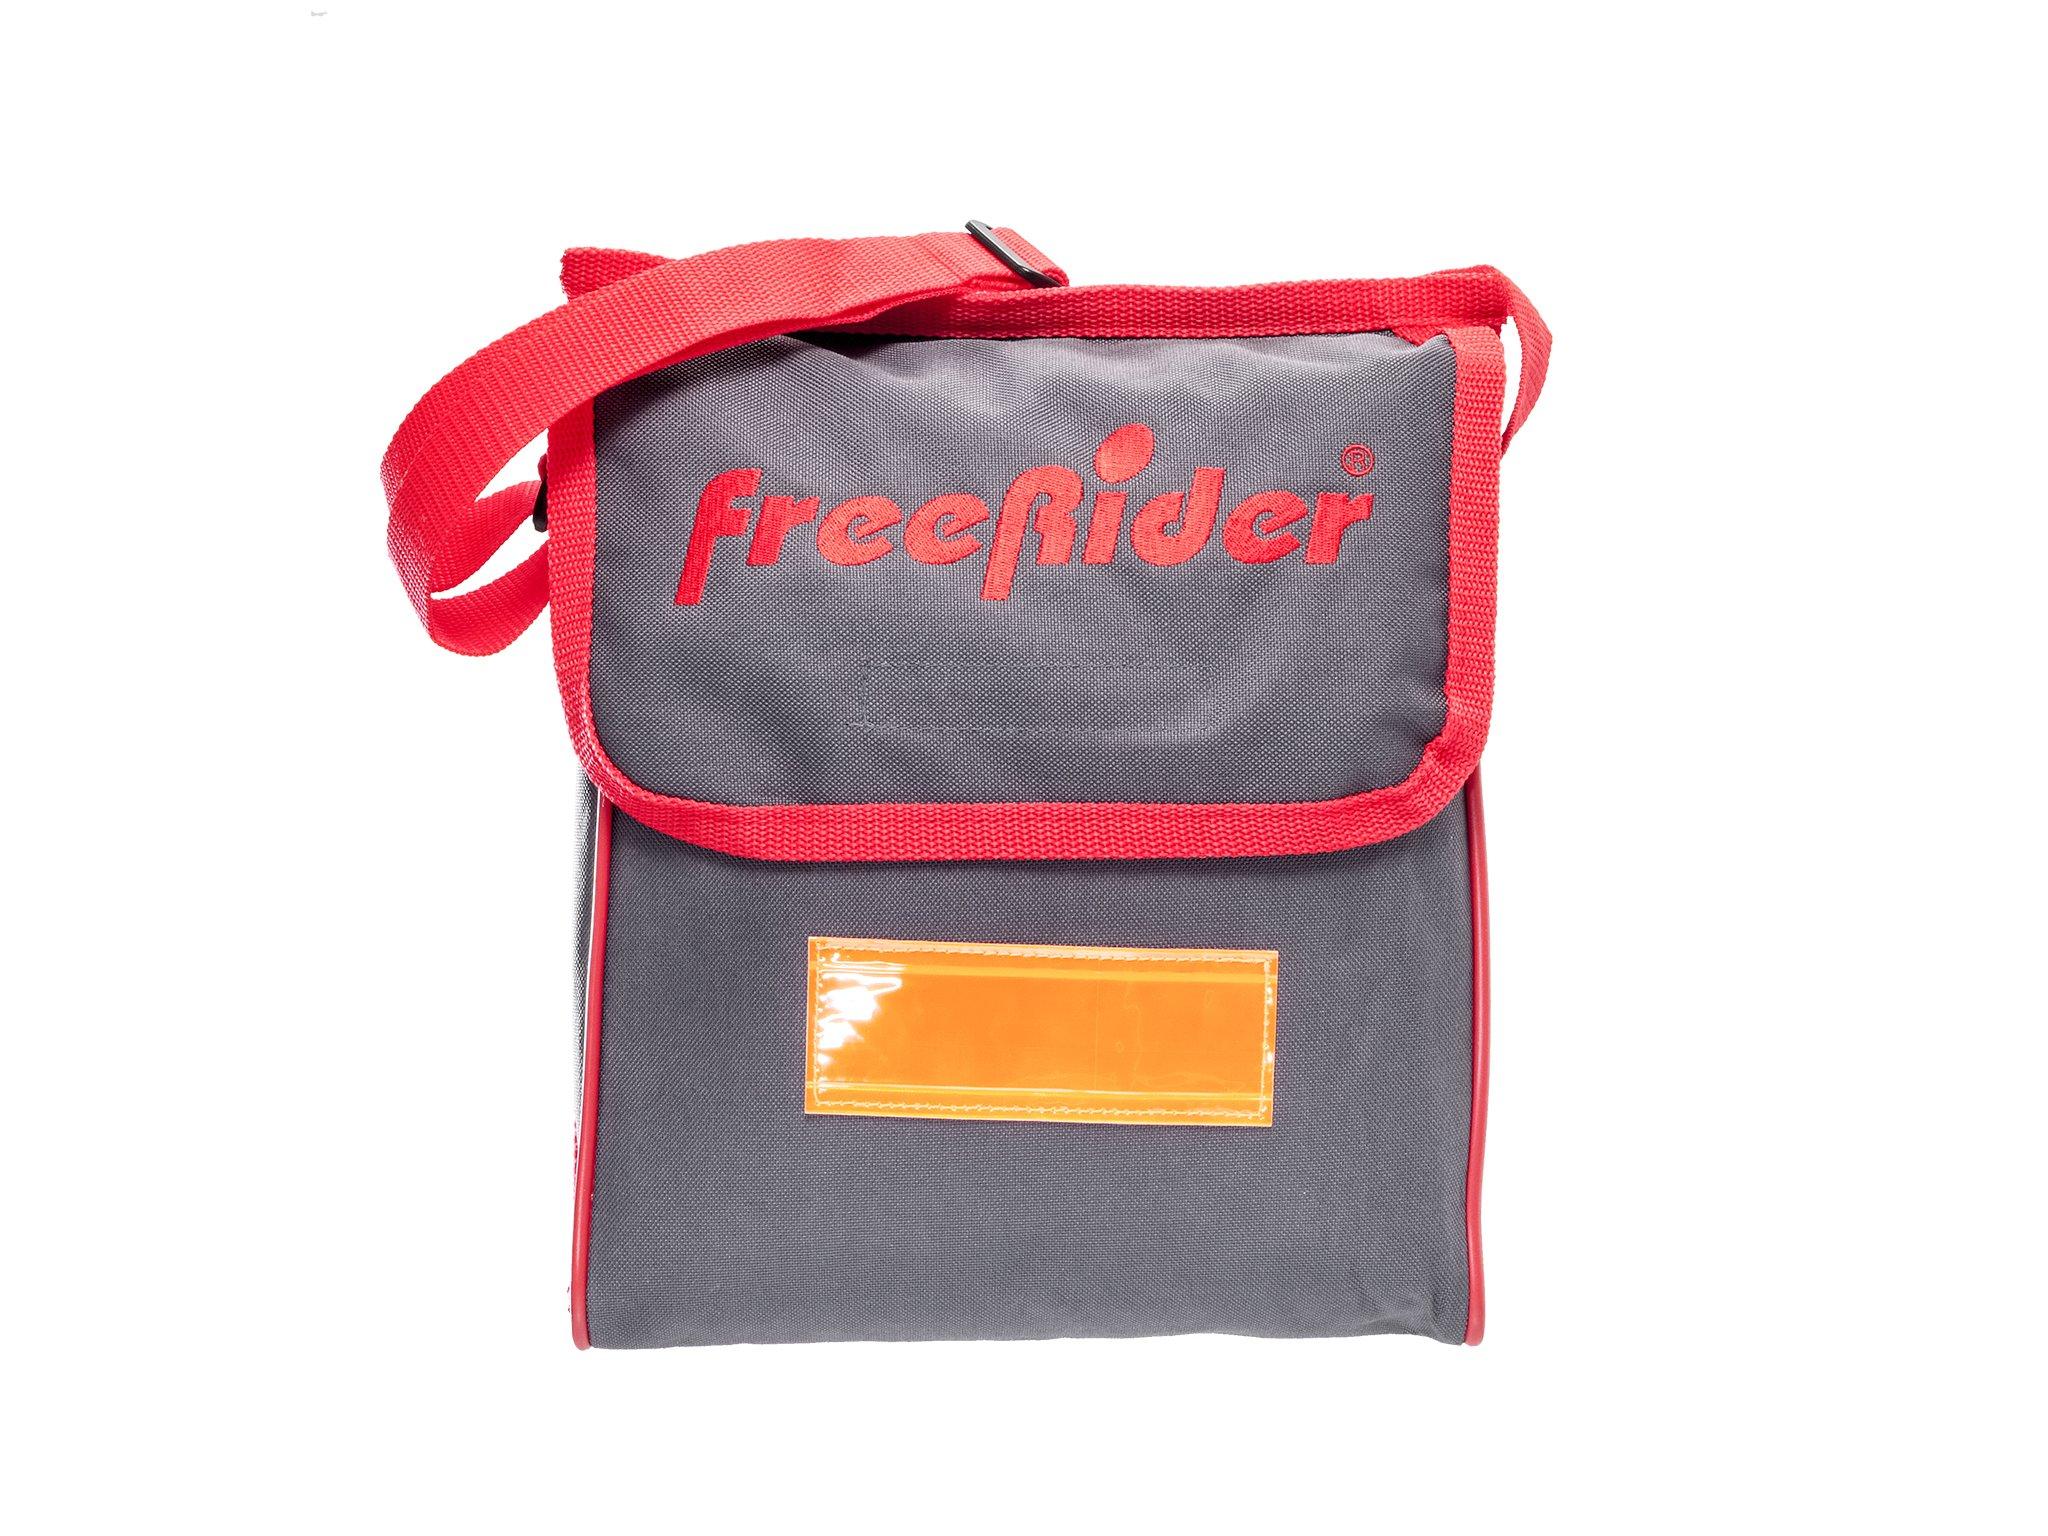 FreeRider USA PP90-0509 Luggie Sling Bag